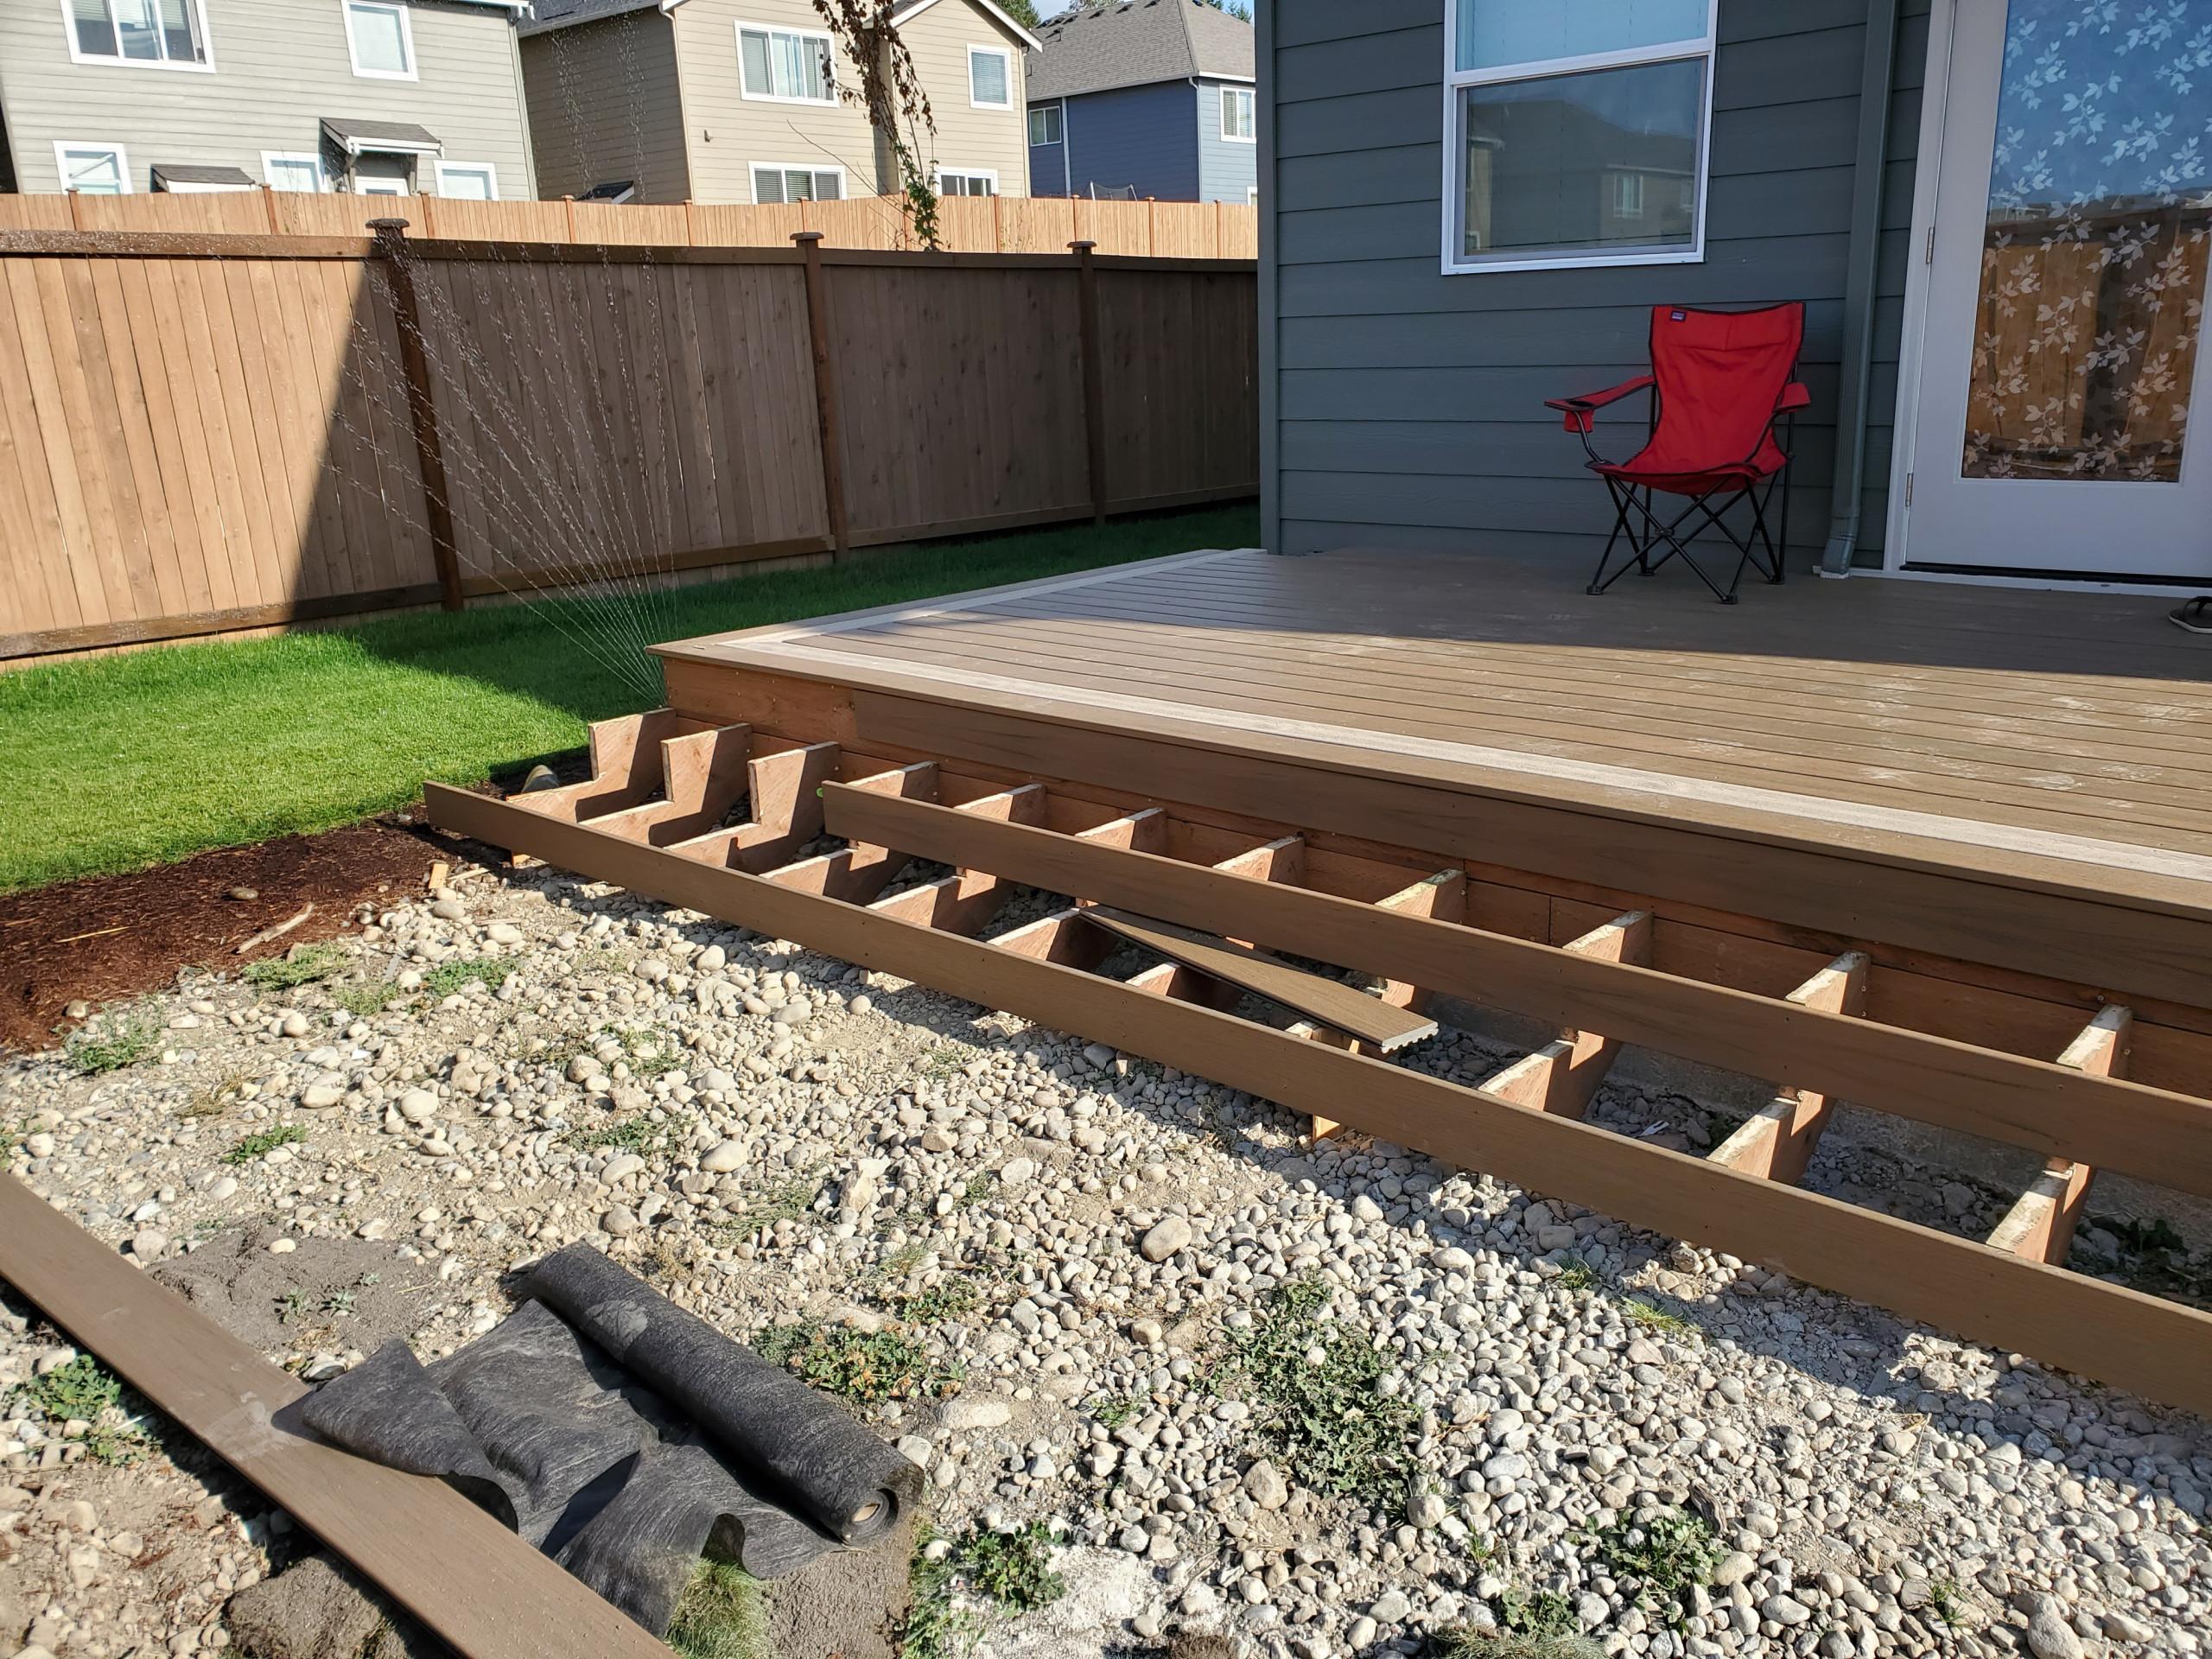 10'x20' trex deck with wrap around steps